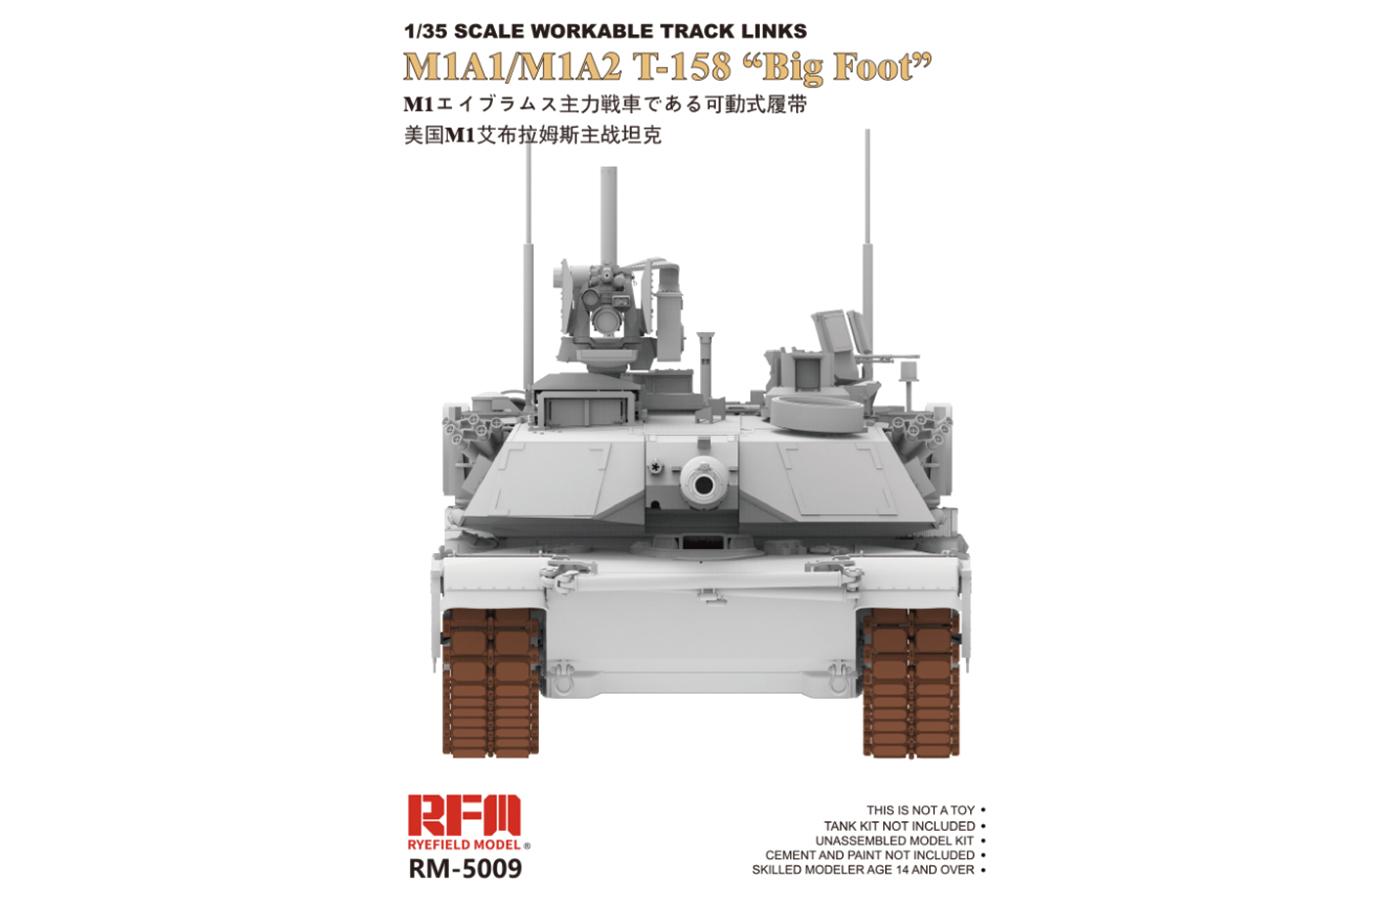 RM-5009 M1A1/M1A2 T-158